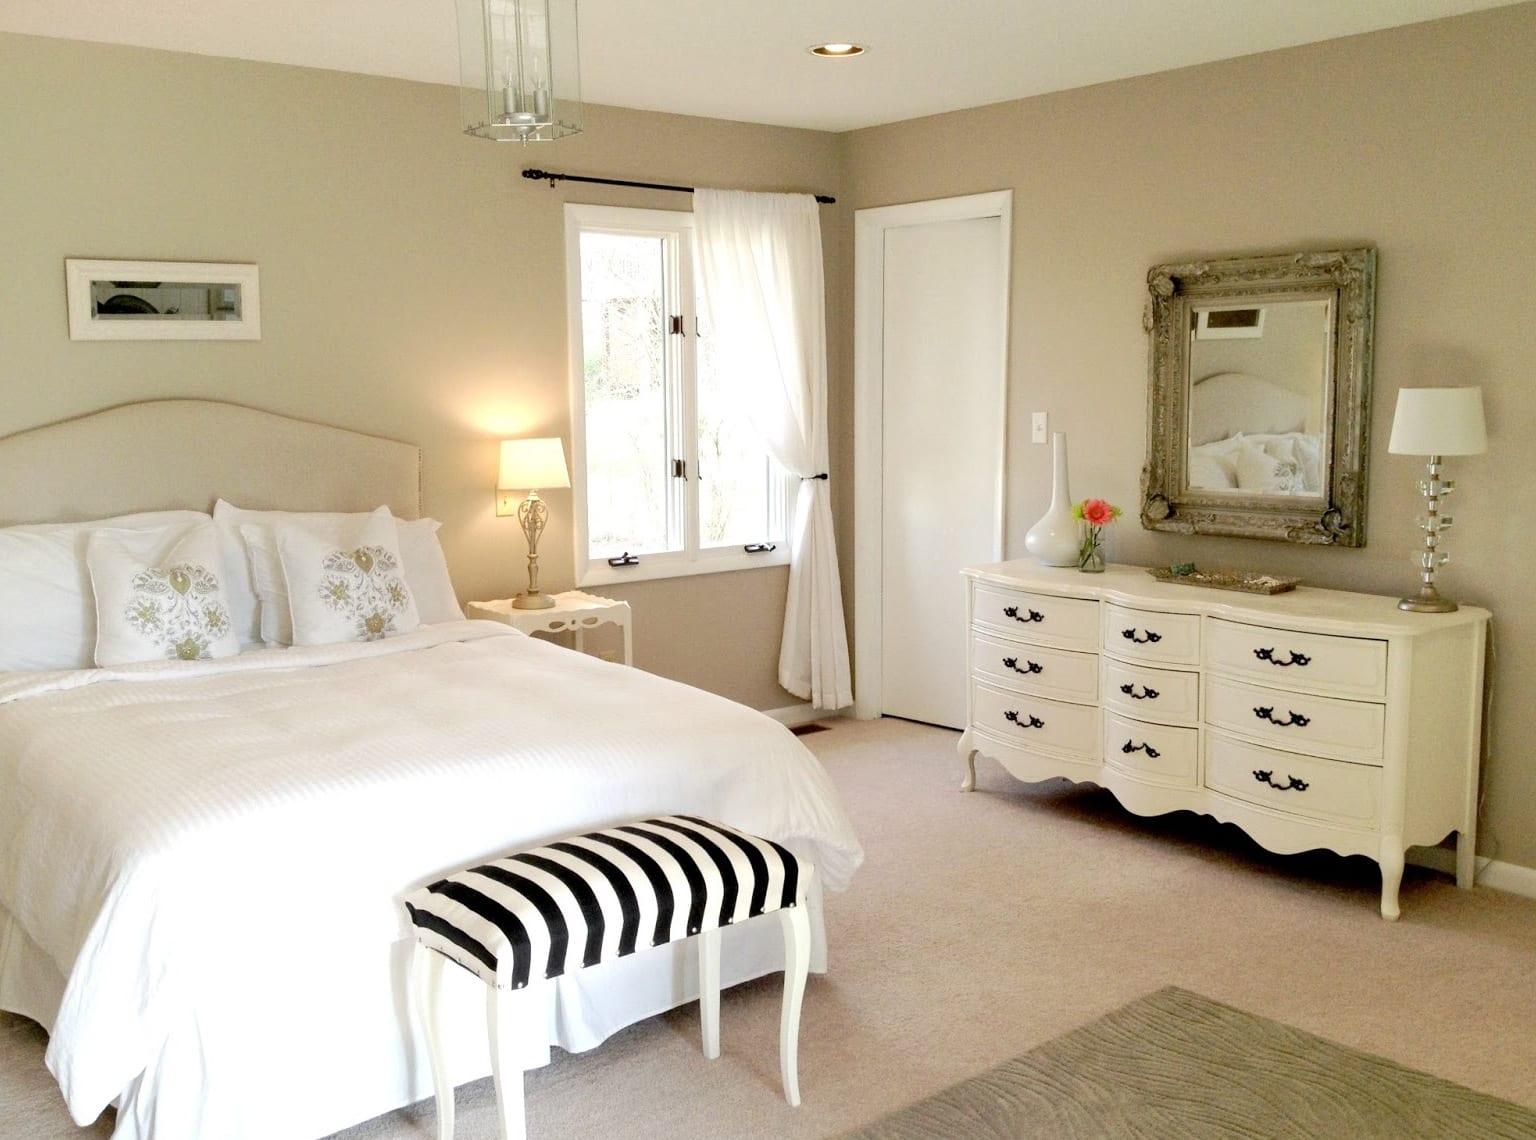 moderne schlafzimmer beige mit rustikalen sideboard weiß und hocker mit schwarz-weißen streifen